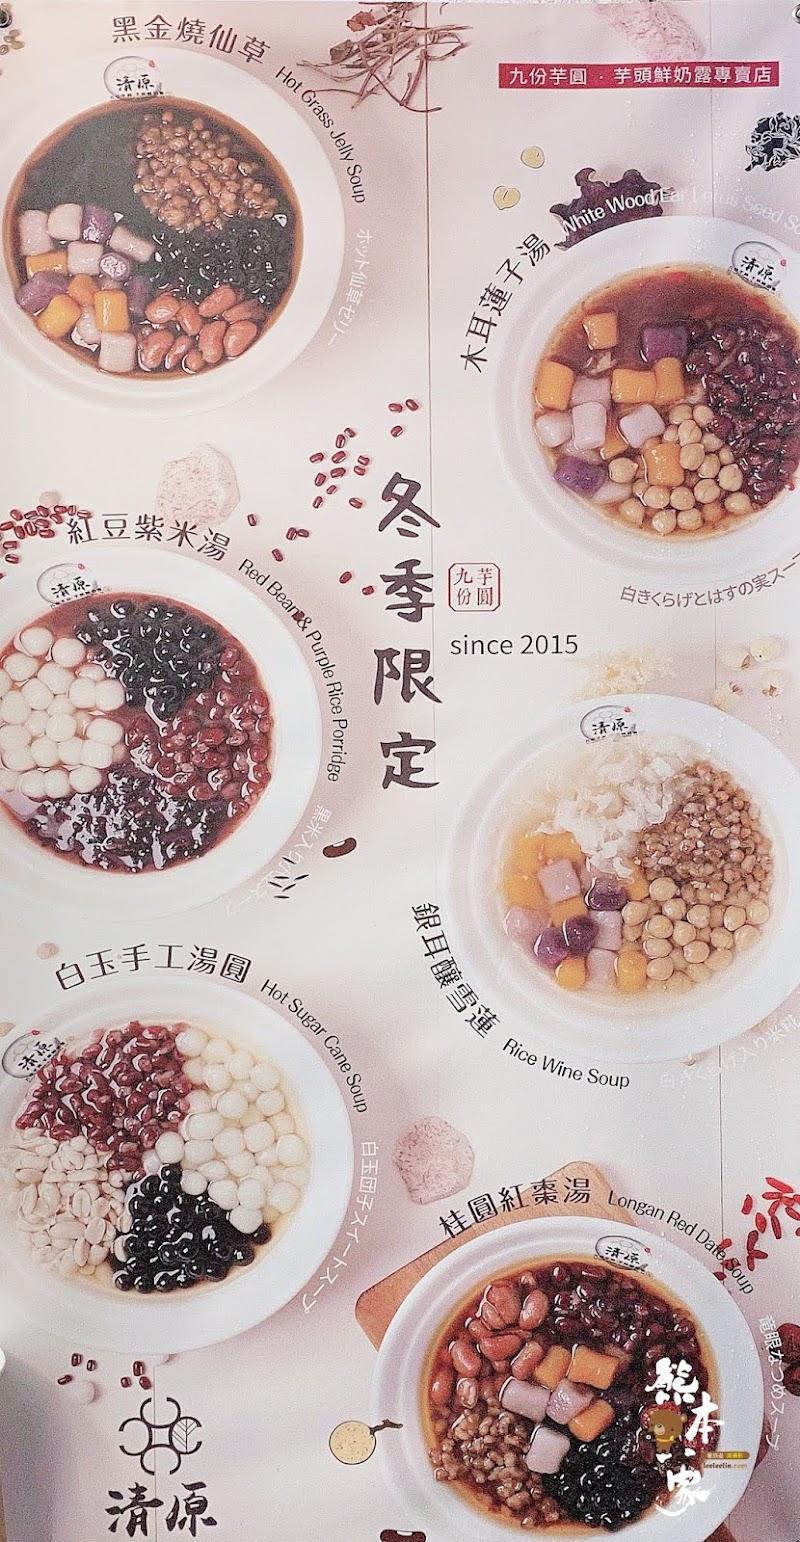 清原芋圓·芋頭鮮奶露專賣店菜單MENU|三峽和平街美食